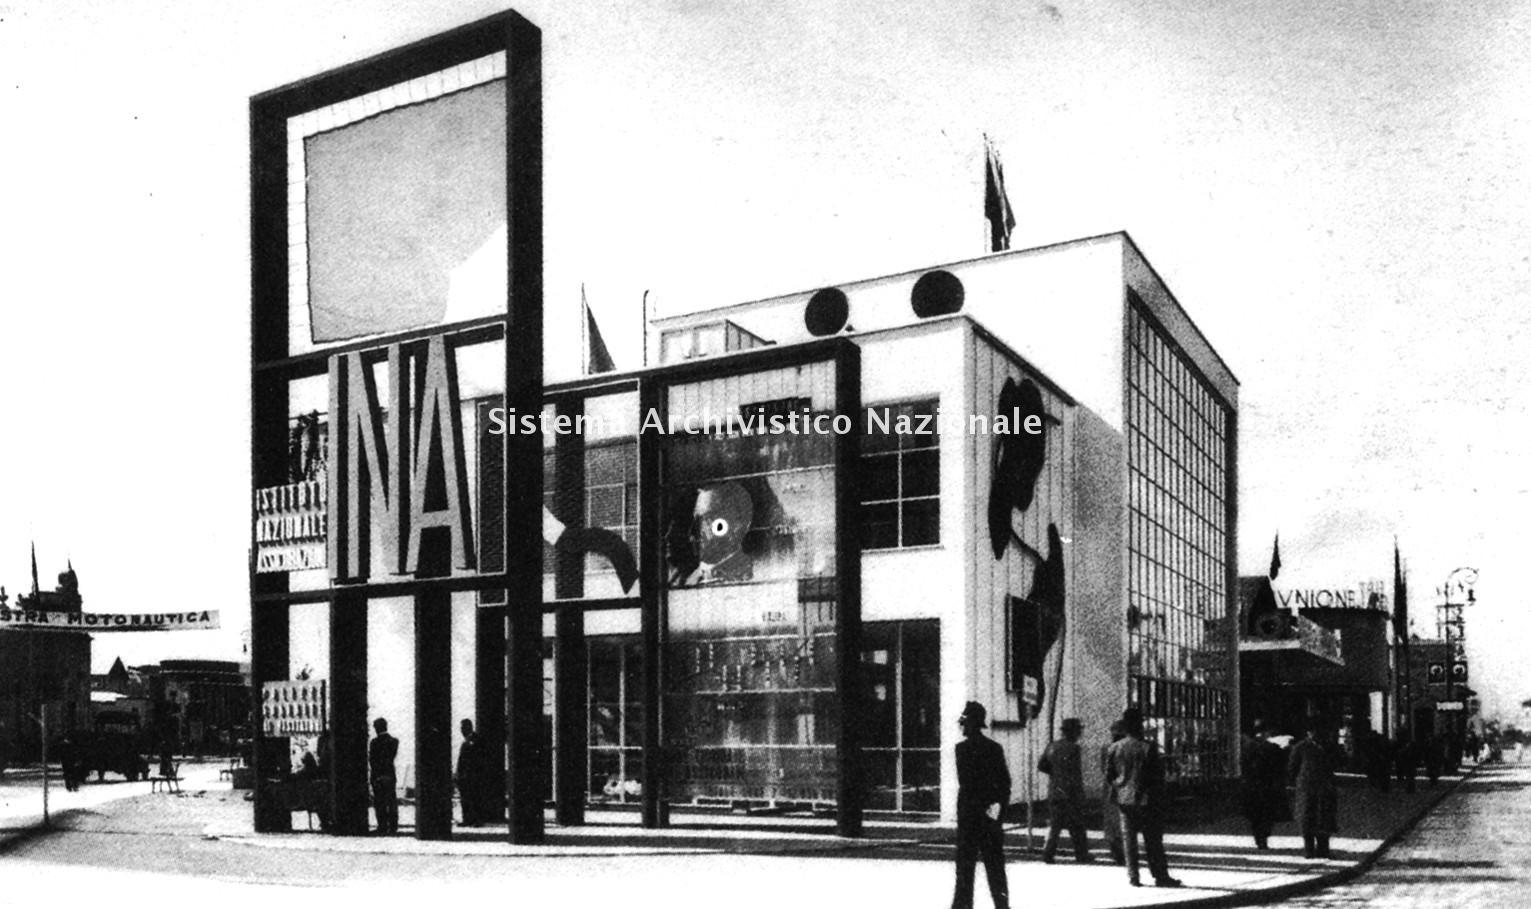 Fiera Campionaria, padiglione Ina, Milano 1935